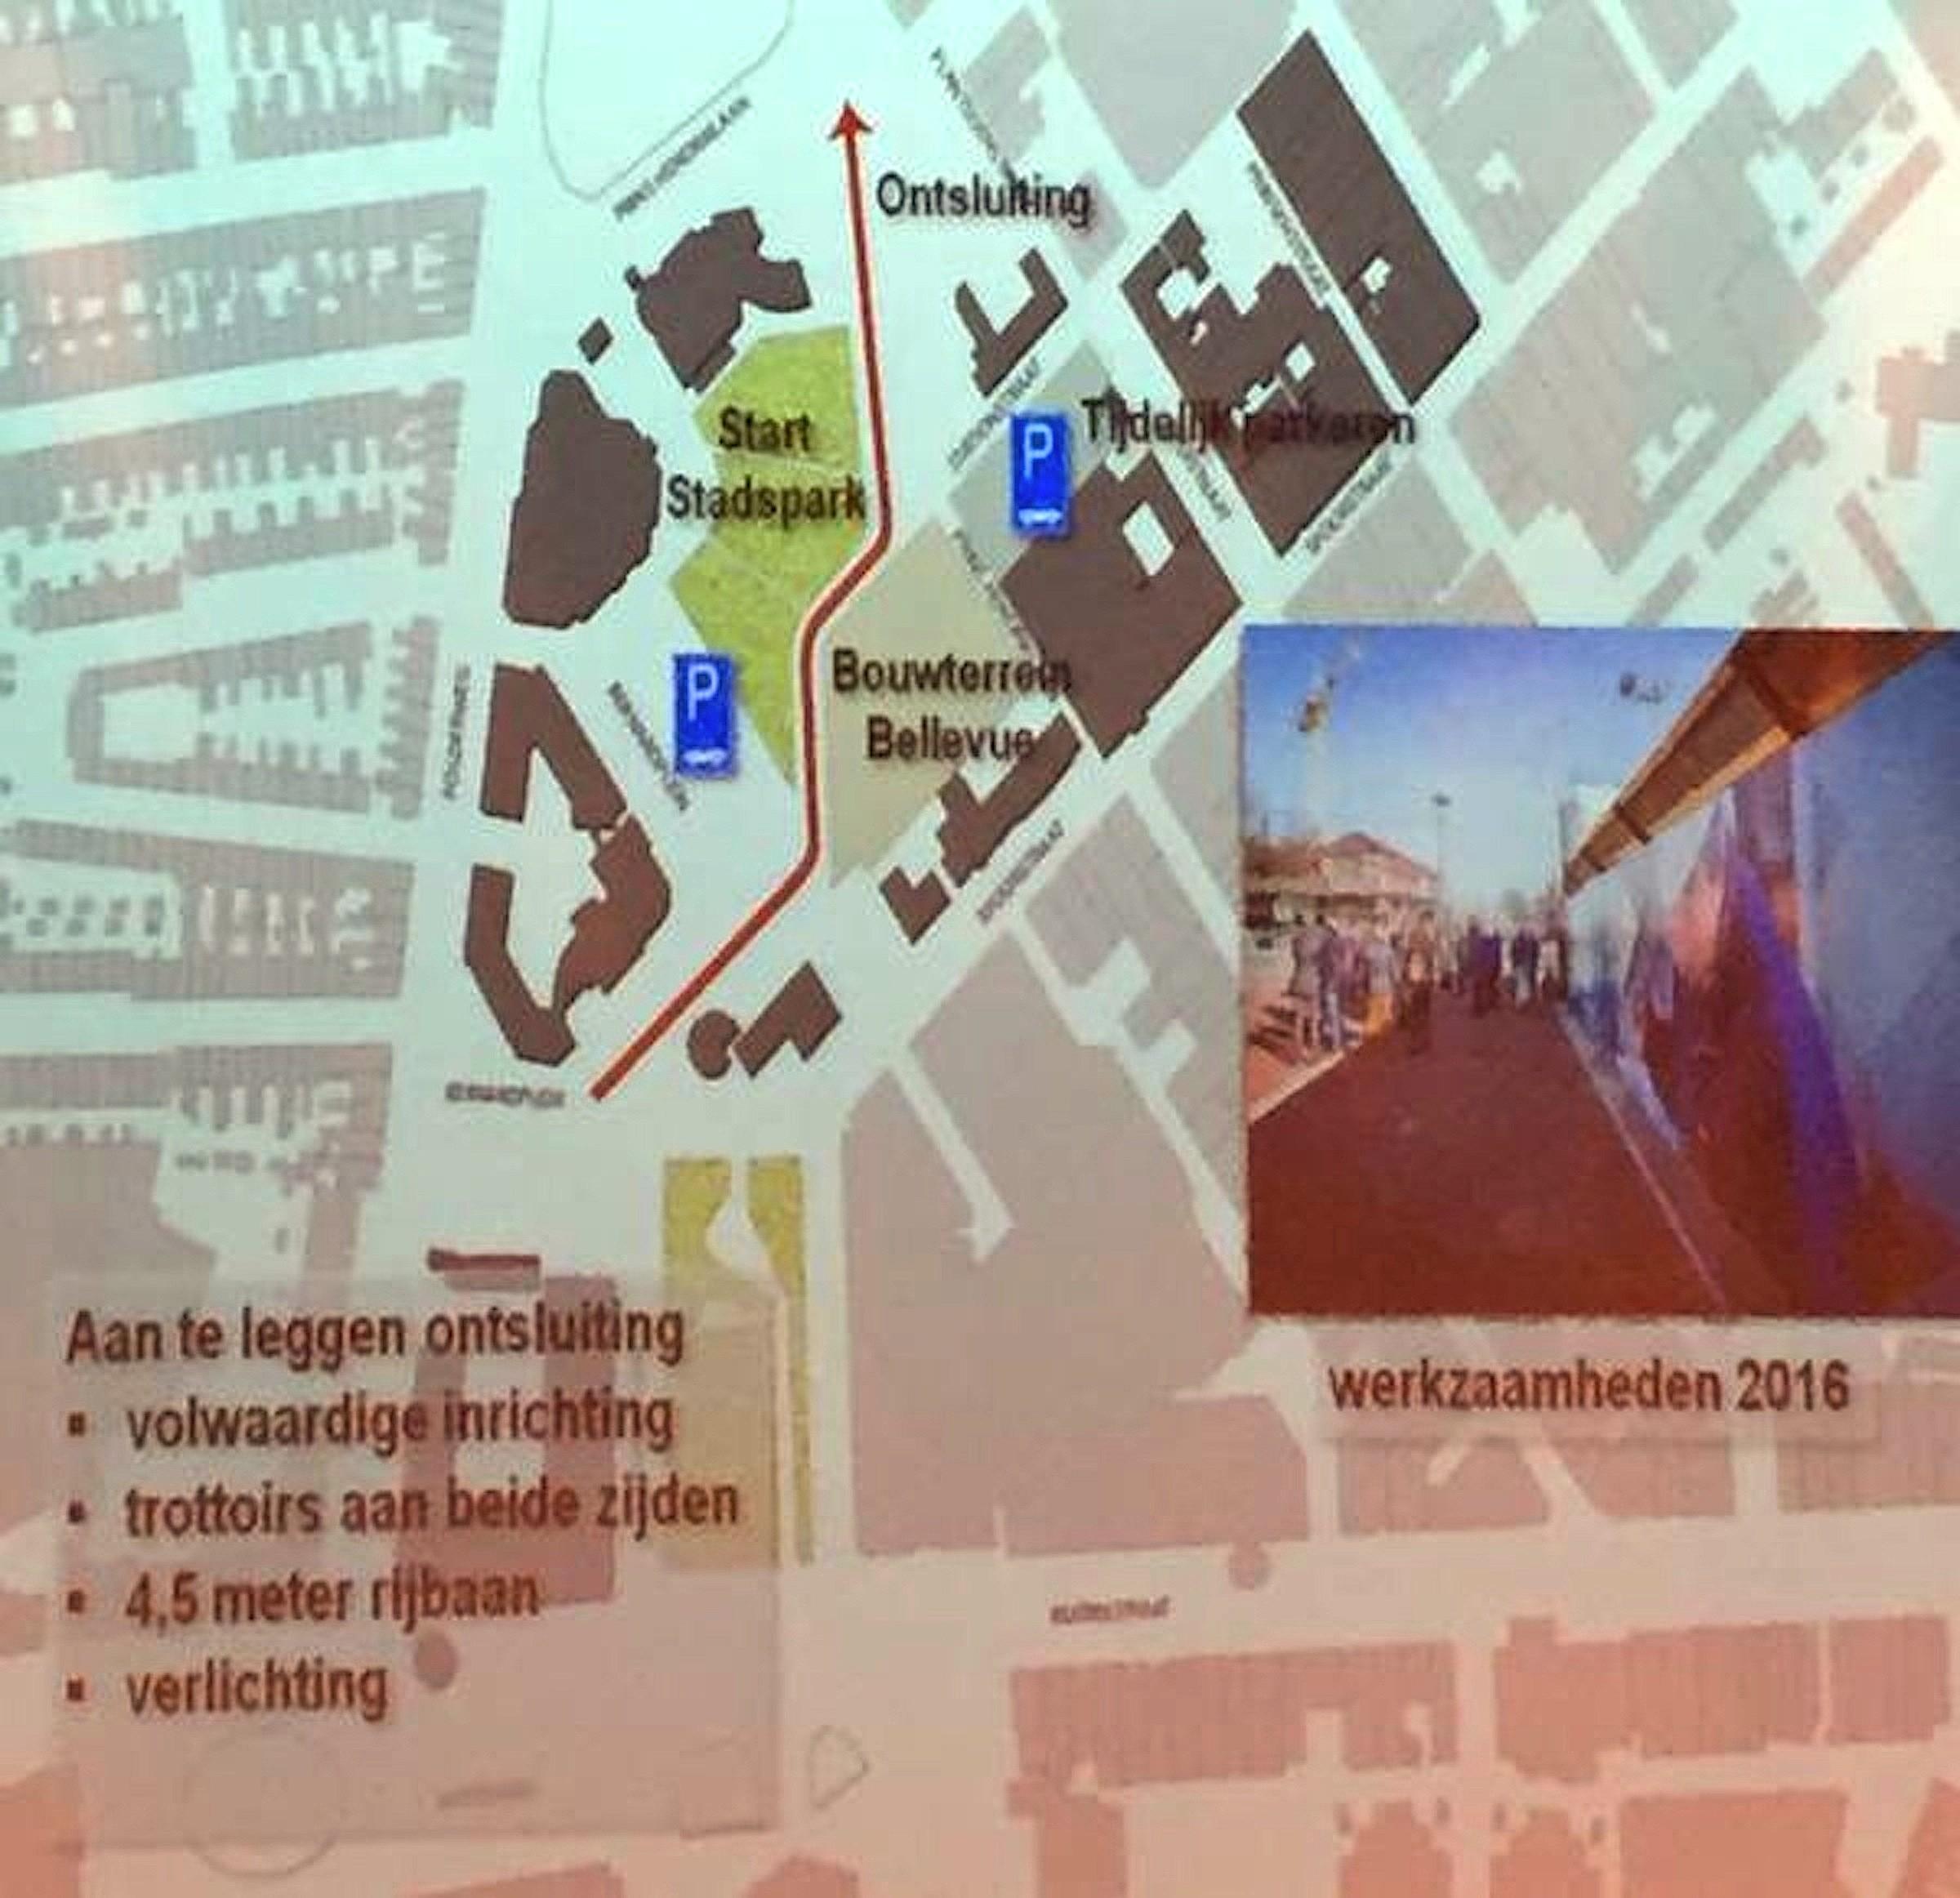 Werkzaamheden 2016 westelijk deel van het stadshart (tekening Zeestad : foto Holland Media Combinatie)